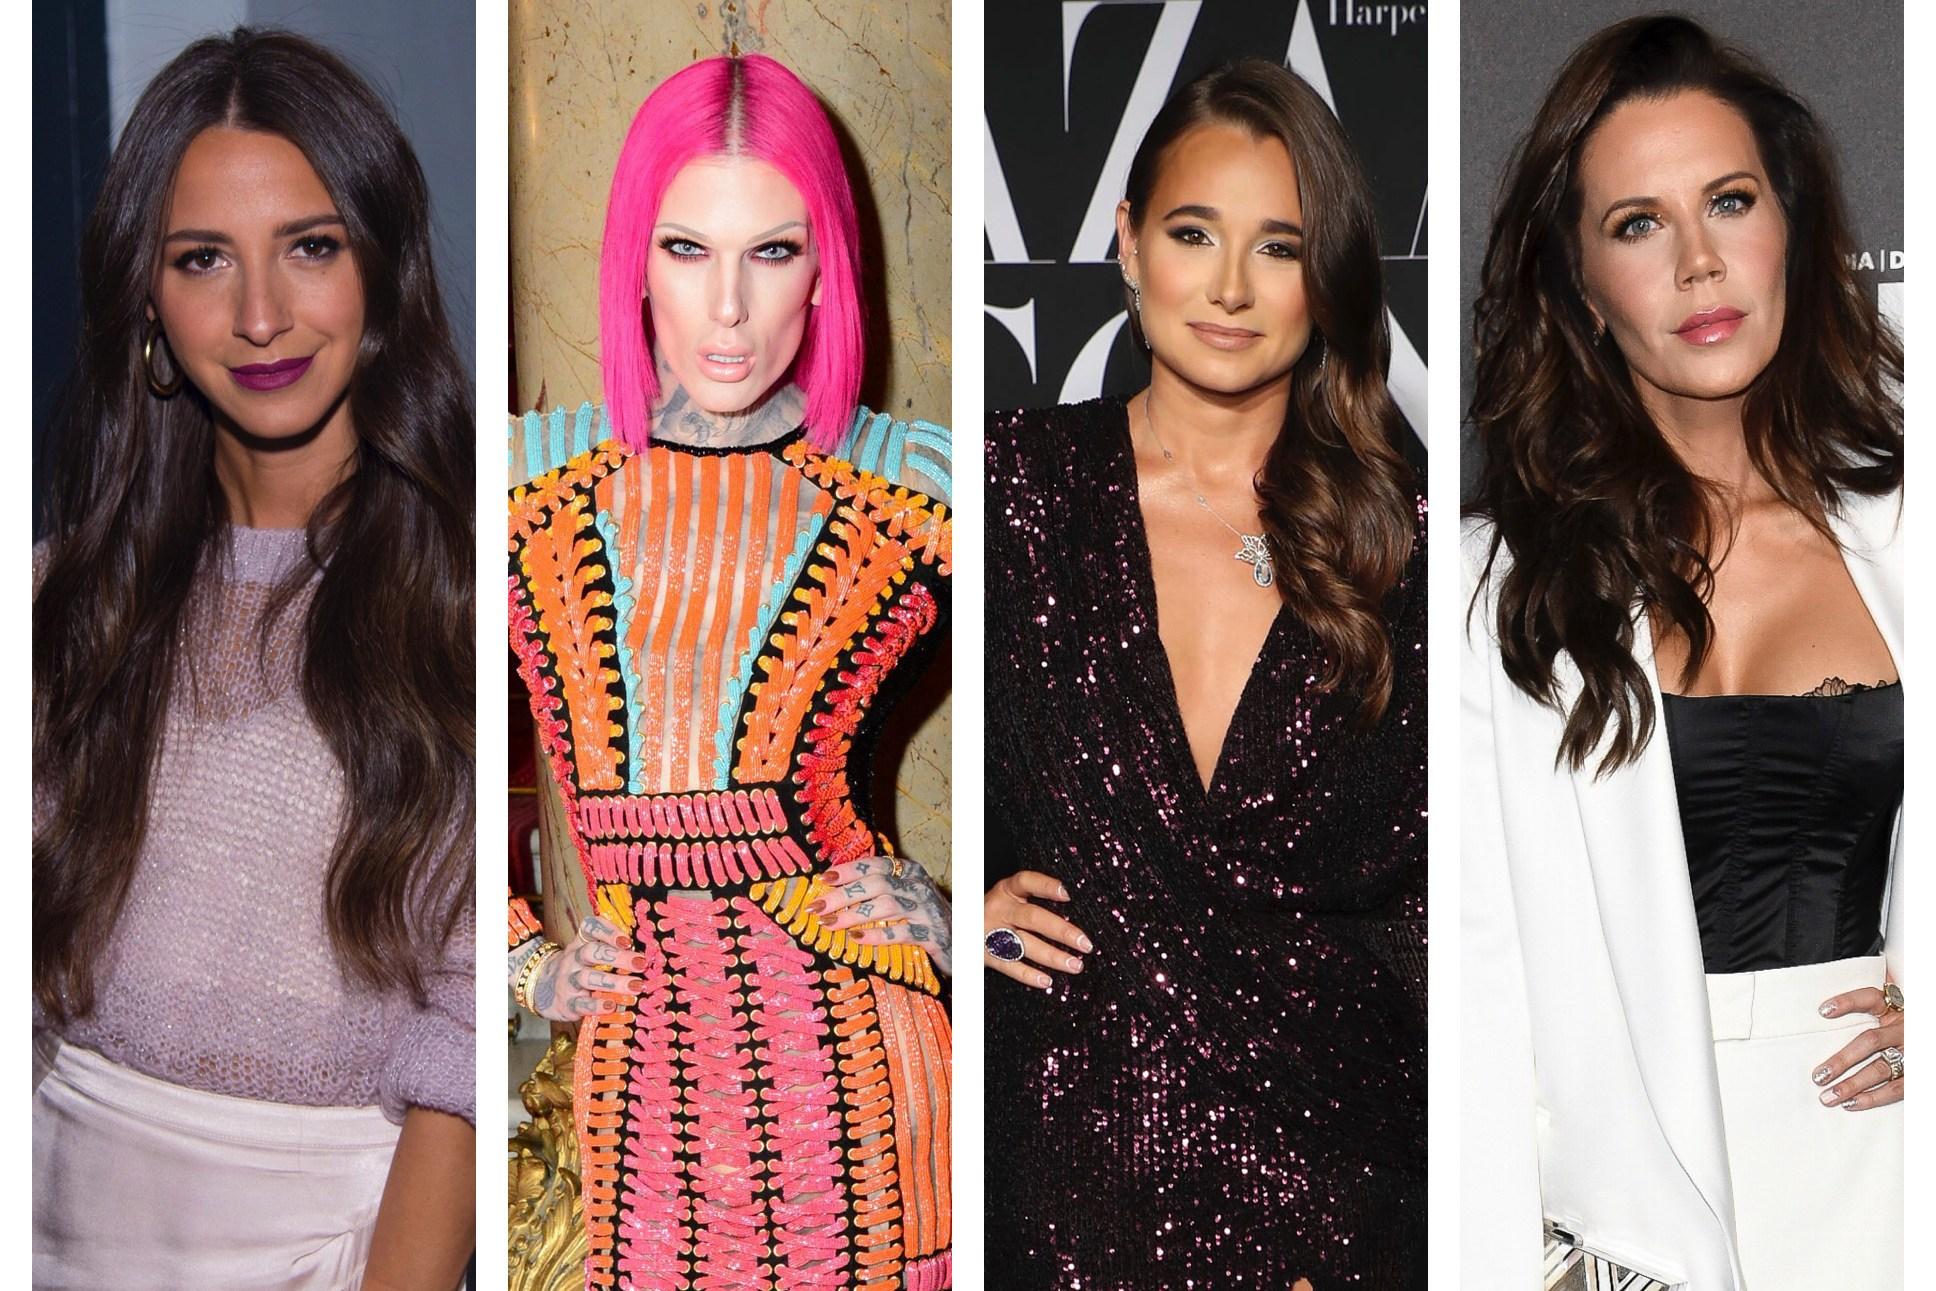 2020 Influencer Controversies: Arielle Charnas, Jeffree Star, Danielle Bernstein, Shane Dawson